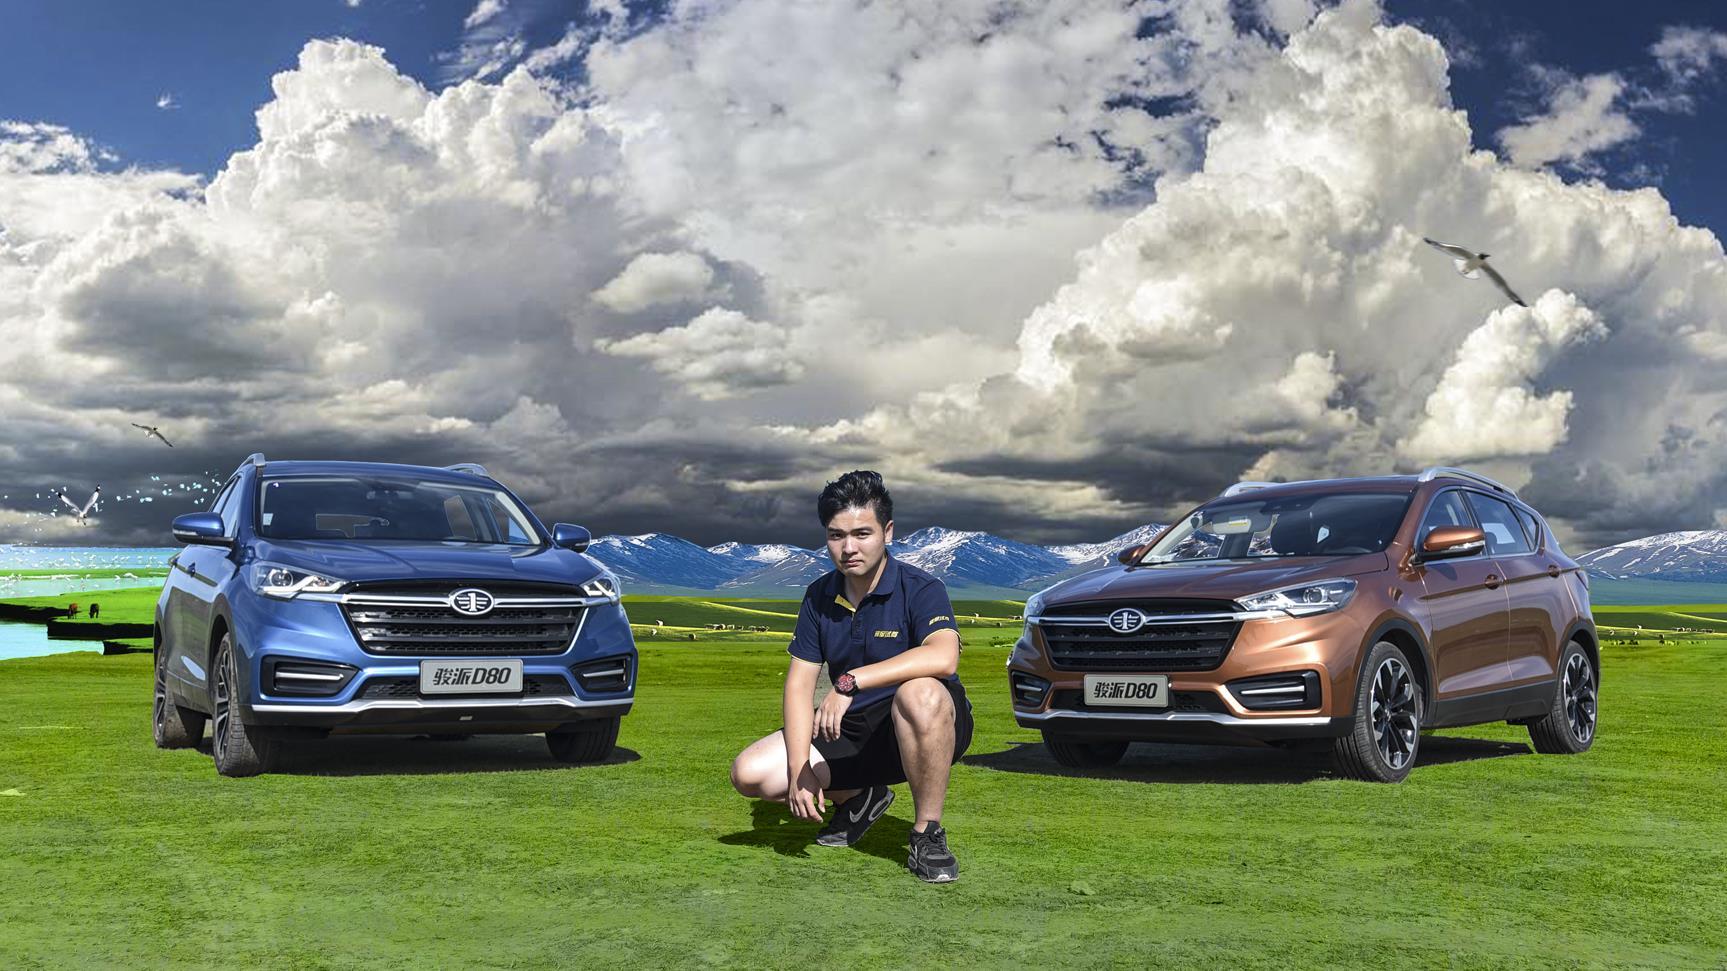 10万国产SUV穿越草原?作死出来后是啥样?